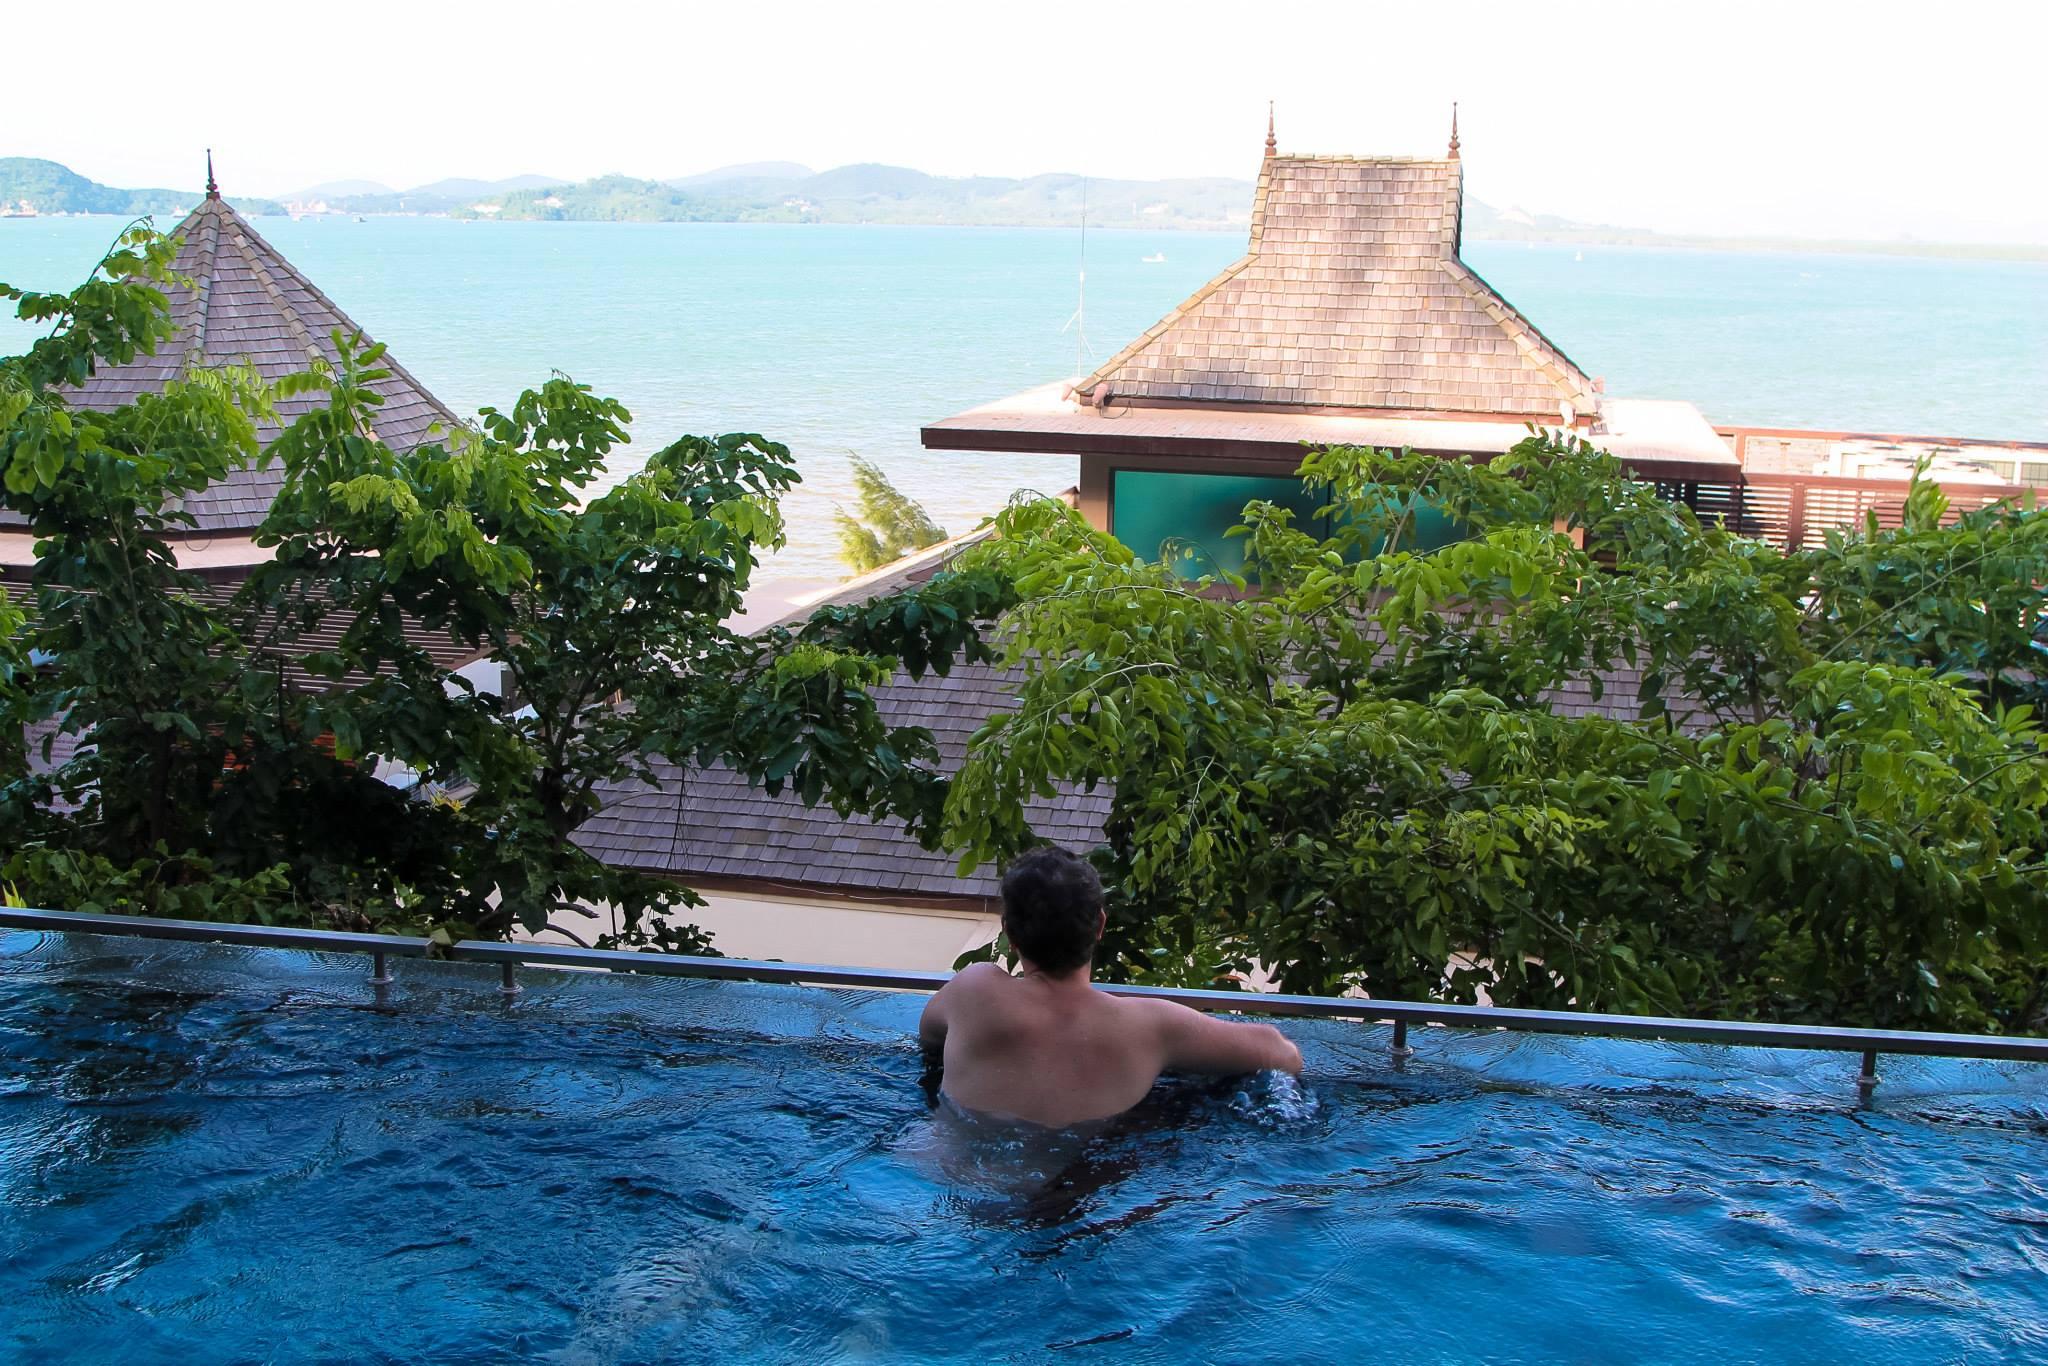 Travel Phuket Thailand on Hand Luggage Only Blog (10)